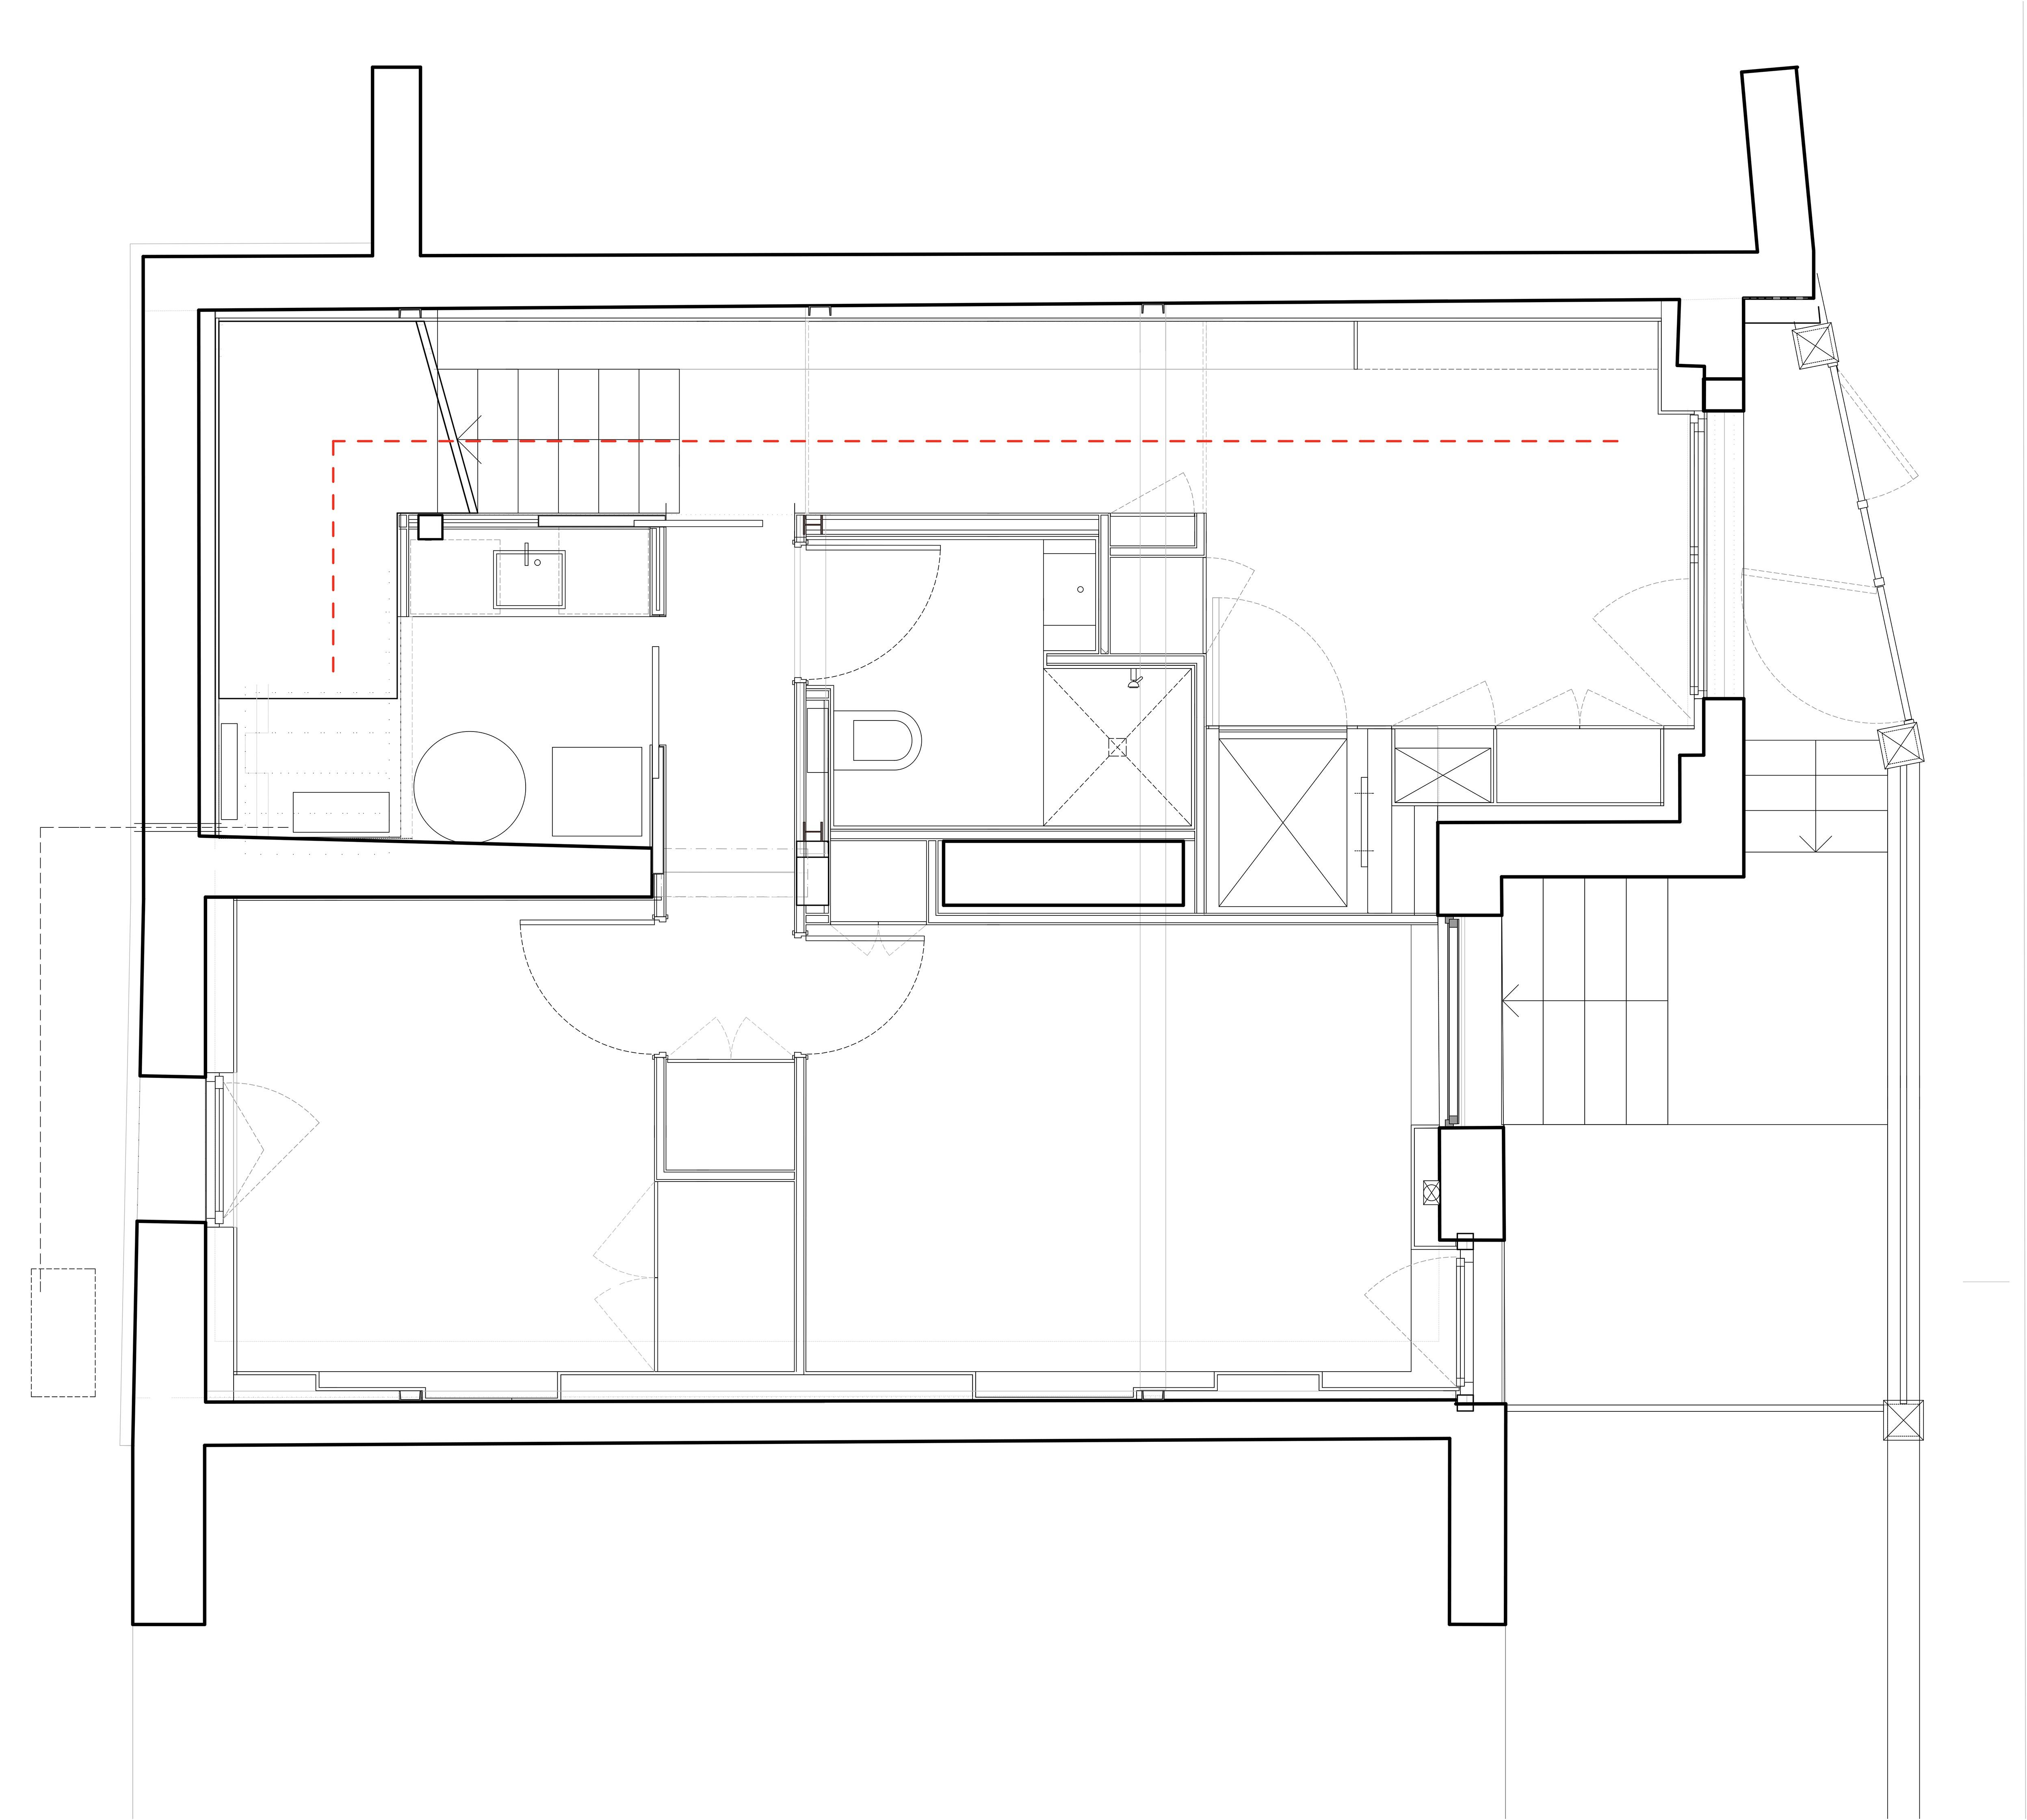 Plan d 39 une maison d 39 habitation comple maison moderne for Plan maison d habitation